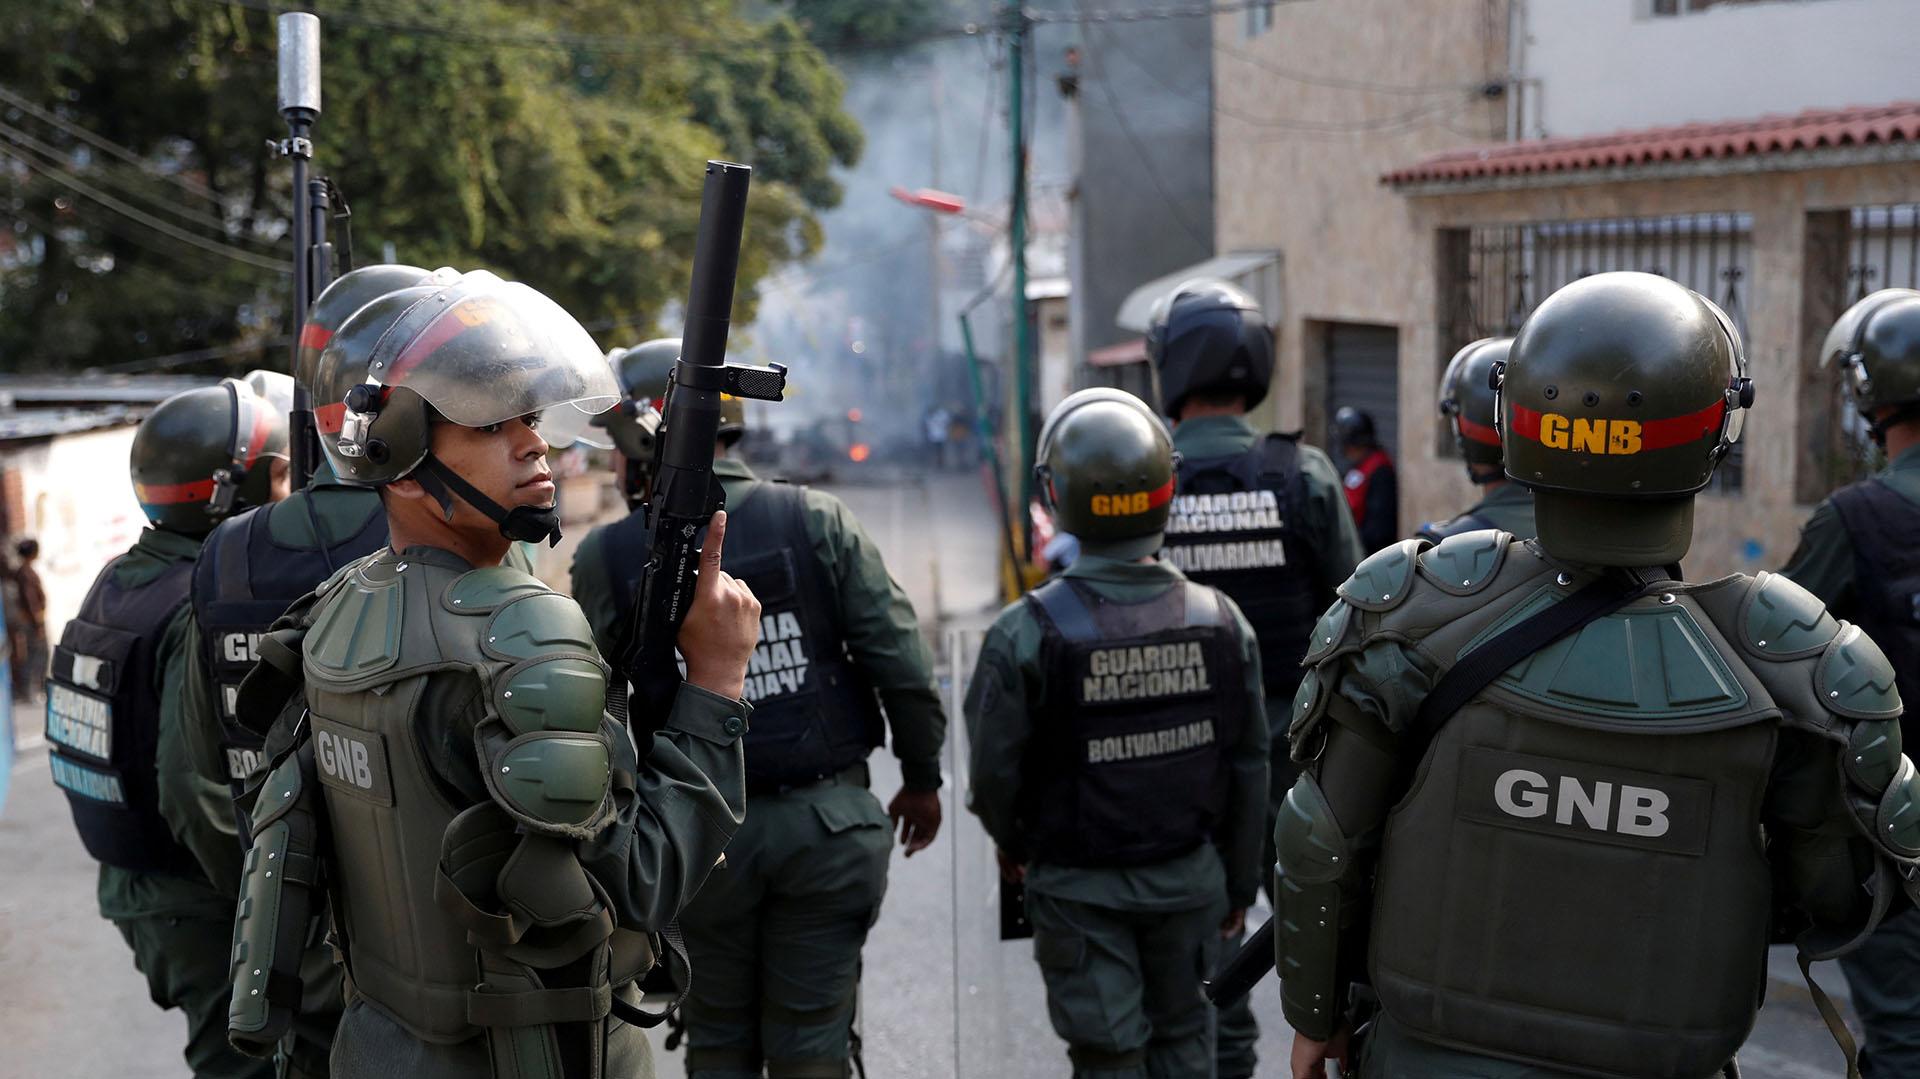 Las últimas protestas masivas que se registraron en Venezuela se produjeron en el año 2017 y fueron ferozmente reprimidas por los cuerpos de seguridad en escenarios que dejaron más de 120 muertos y cientos de heridos